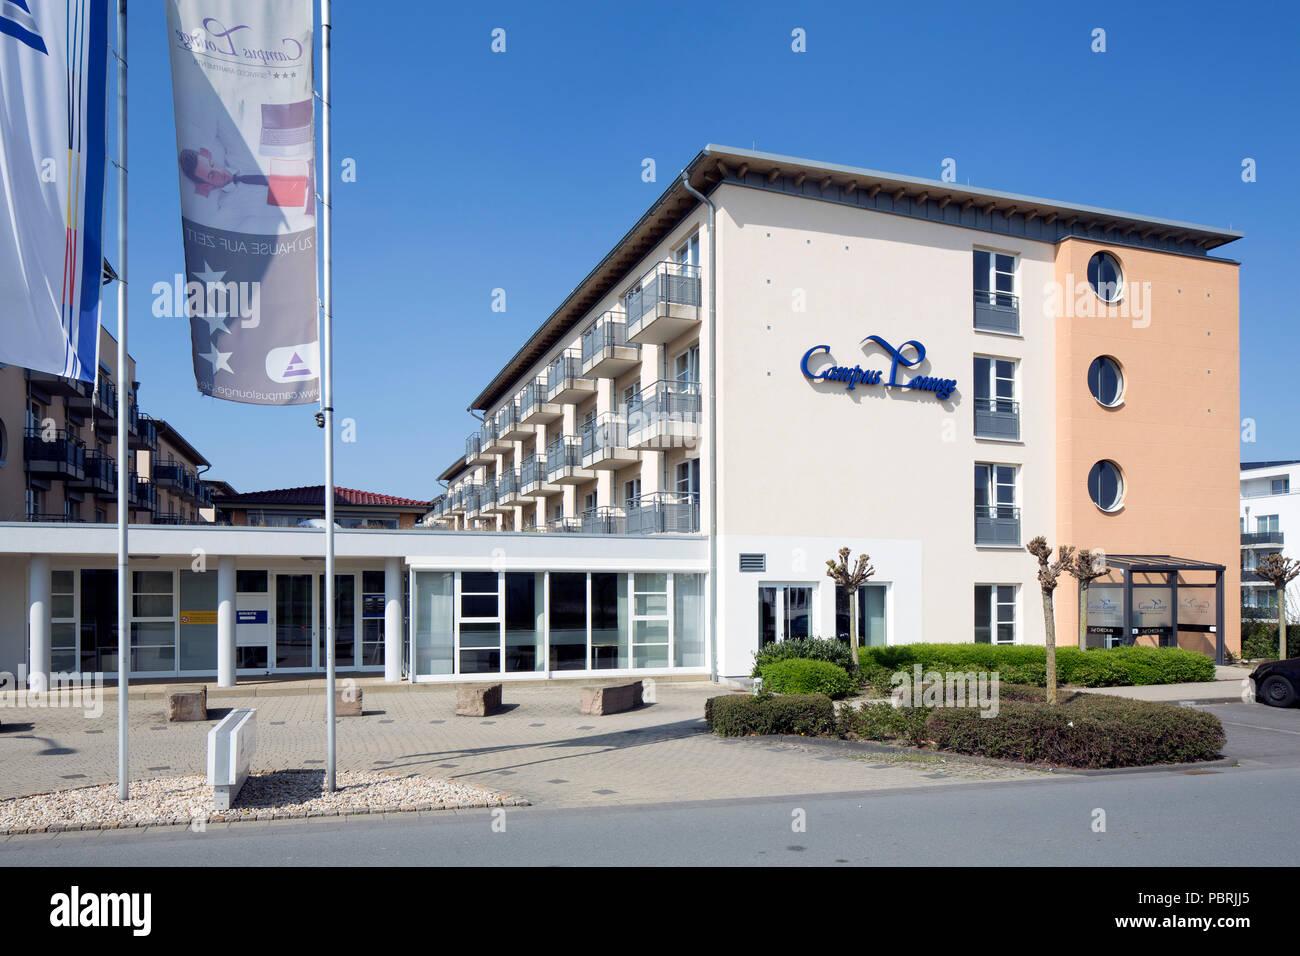 Campus Lounge, Boarding House y el Centro de Convenciones en el campus principal de la Universidad de Paderborn, Paderborn Imagen De Stock